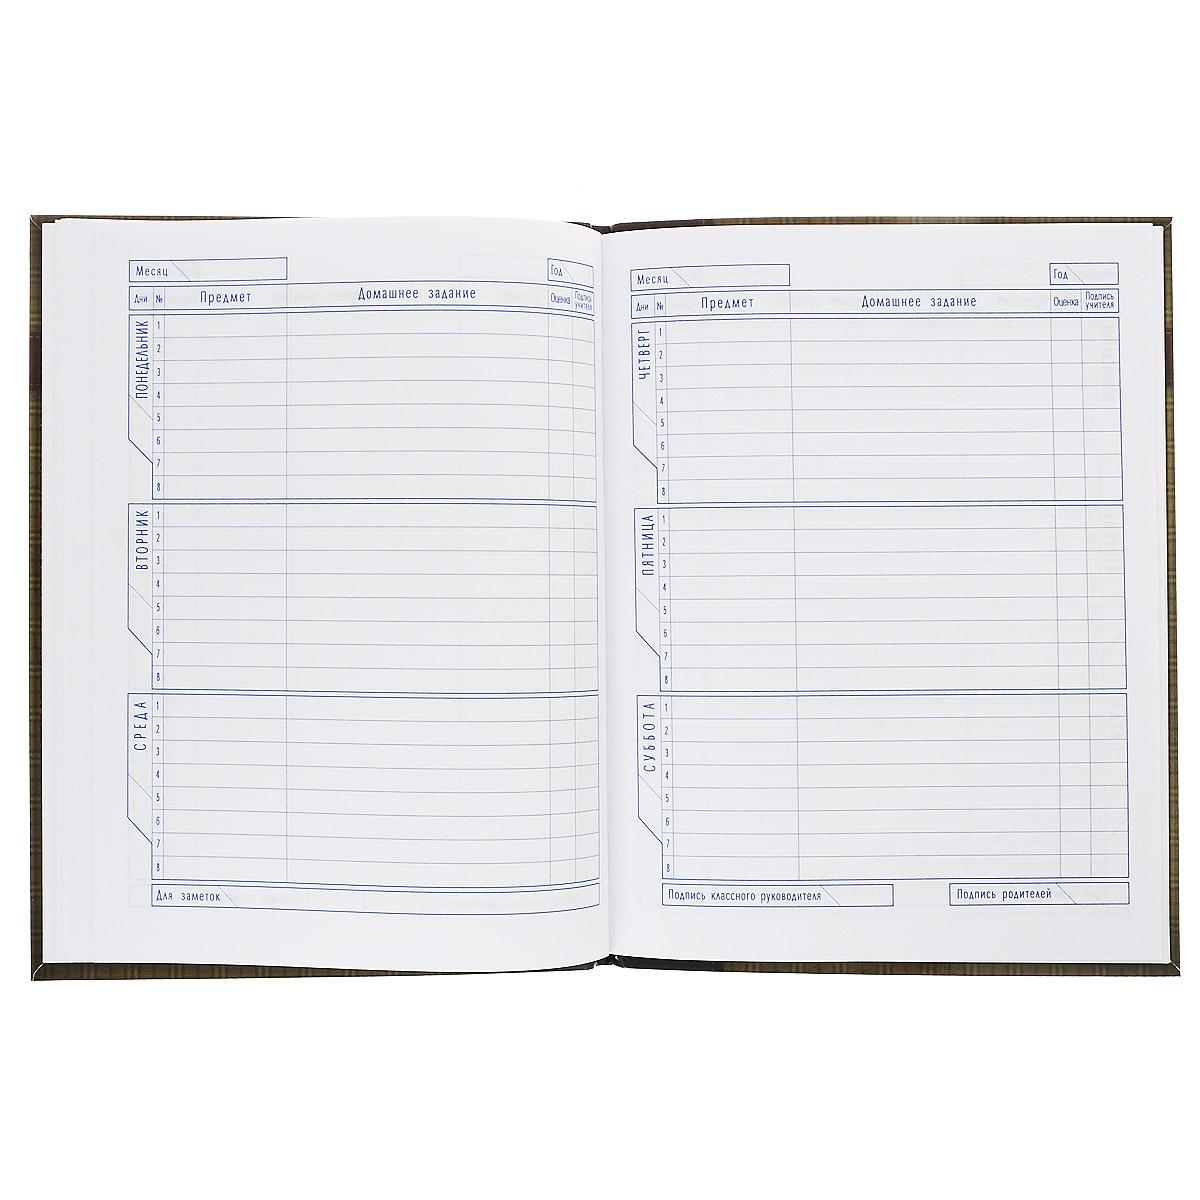 Школьный дневник Hatber VK. Собака - первый ежедневник вашего ребенка. Он поможет ему не забыть свои задания, а вы всегда сможете проконтролировать его успеваемость. Дневник предназначен для учеников 1-11 классов.    Внутренний блок дневника  состоит из 40 листов белой бумаги с линовкой синего цвета. Обложка в интегральном переплете выполнена из глянцевого картона.  Структура дневника состоит из разделов с информацией о личных данных ученика, школе и педагогах, друзьях и одноклассниках, расписание факультативов и уроков по четвертям. Дневник содержит номера телефонов экстренной помощи и даты государственных праздников. В конце дневника имеются сведения об успеваемости.Дневник школьный Hatber VK. Собака станет надежным помощником в освоении новых знаний и принесет радость своему хозяину в учебные будни.  Рекомендуемый возраст: от 6 лет.